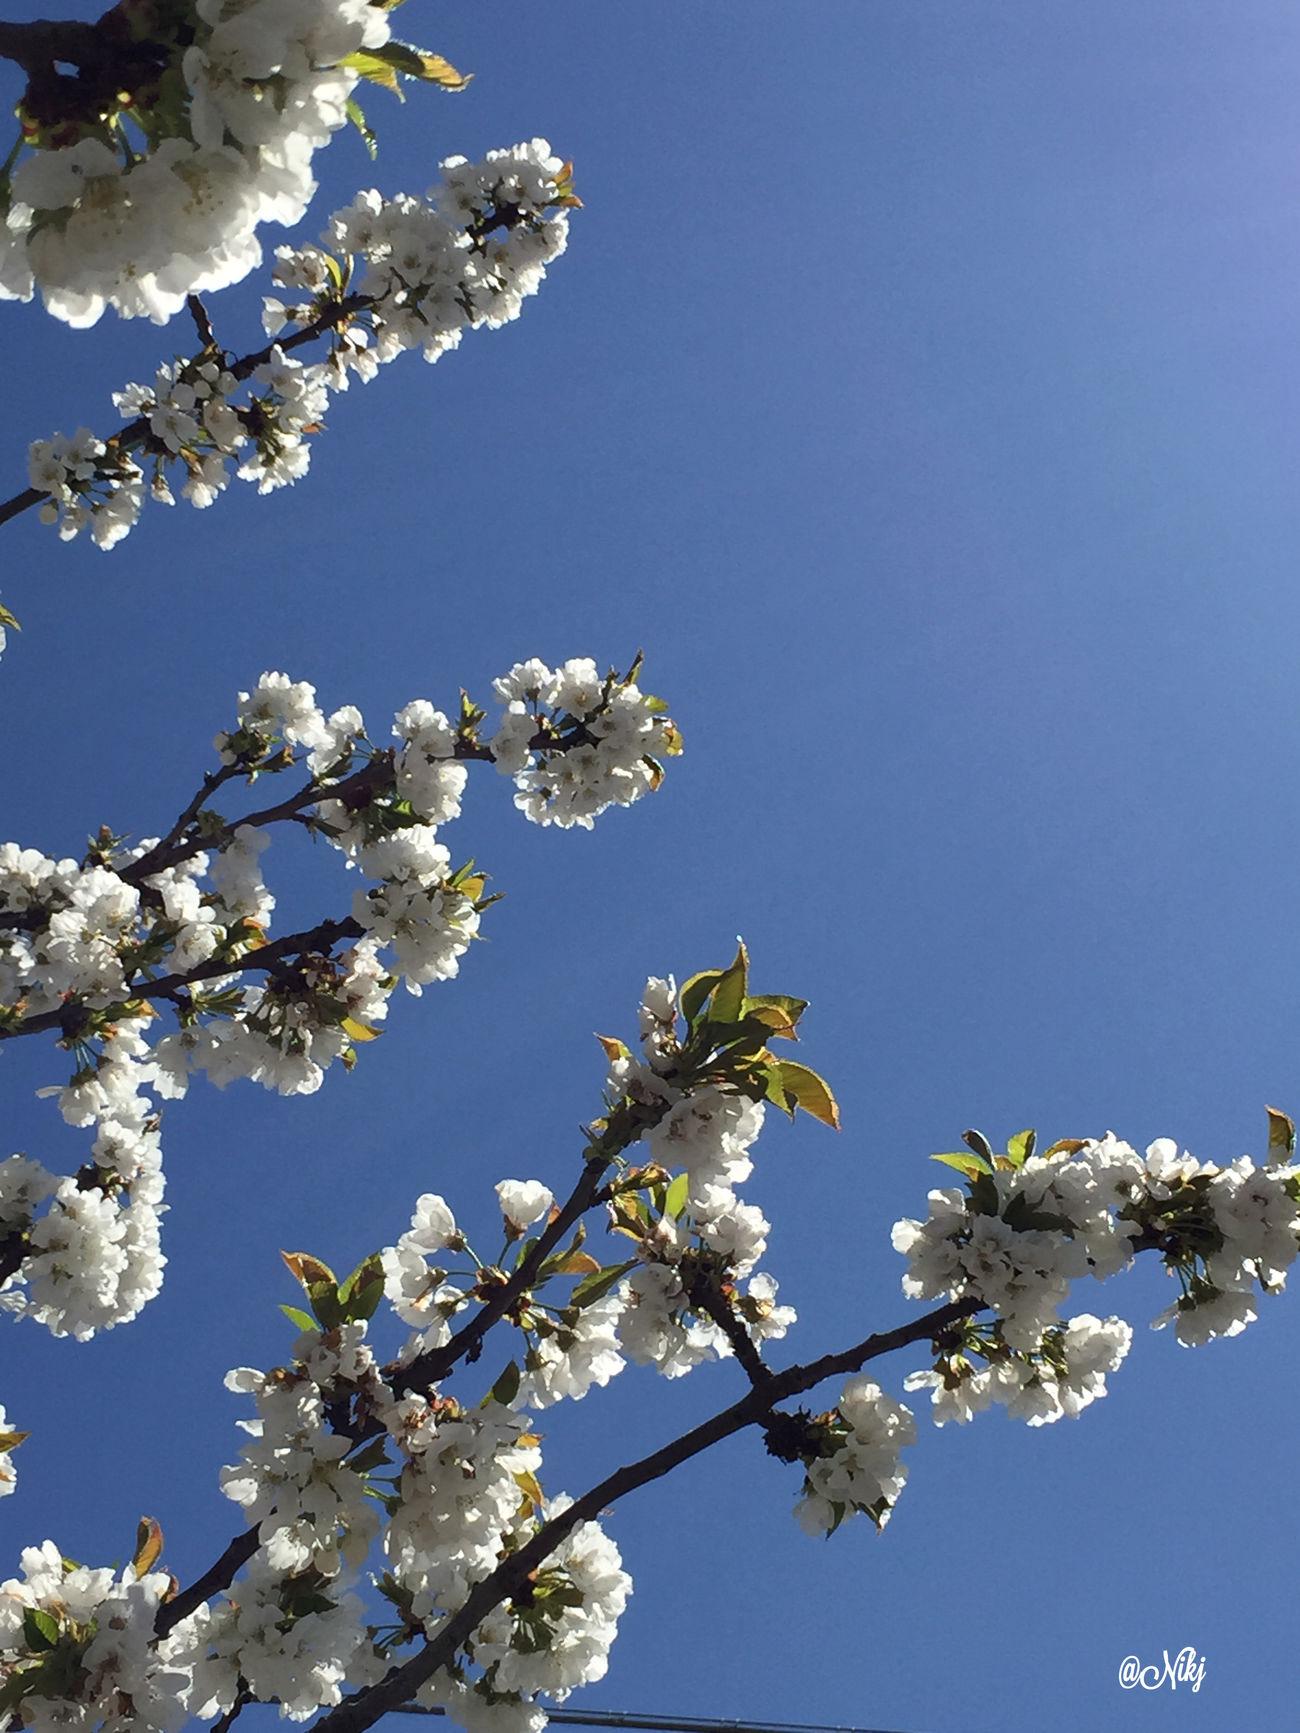 Voglio che tu sappia Una cosa..... Tu sai com'è questa cosa ...🌹 Sunset #sun #clouds #skylovers #sky #nature #beautifulinnature #naturalbeauty Photography Landscape ? Flowers,Plants & Garden Particolaristupendi Nature Collection 🌹 Rsa_nature 😉 Nature_collection